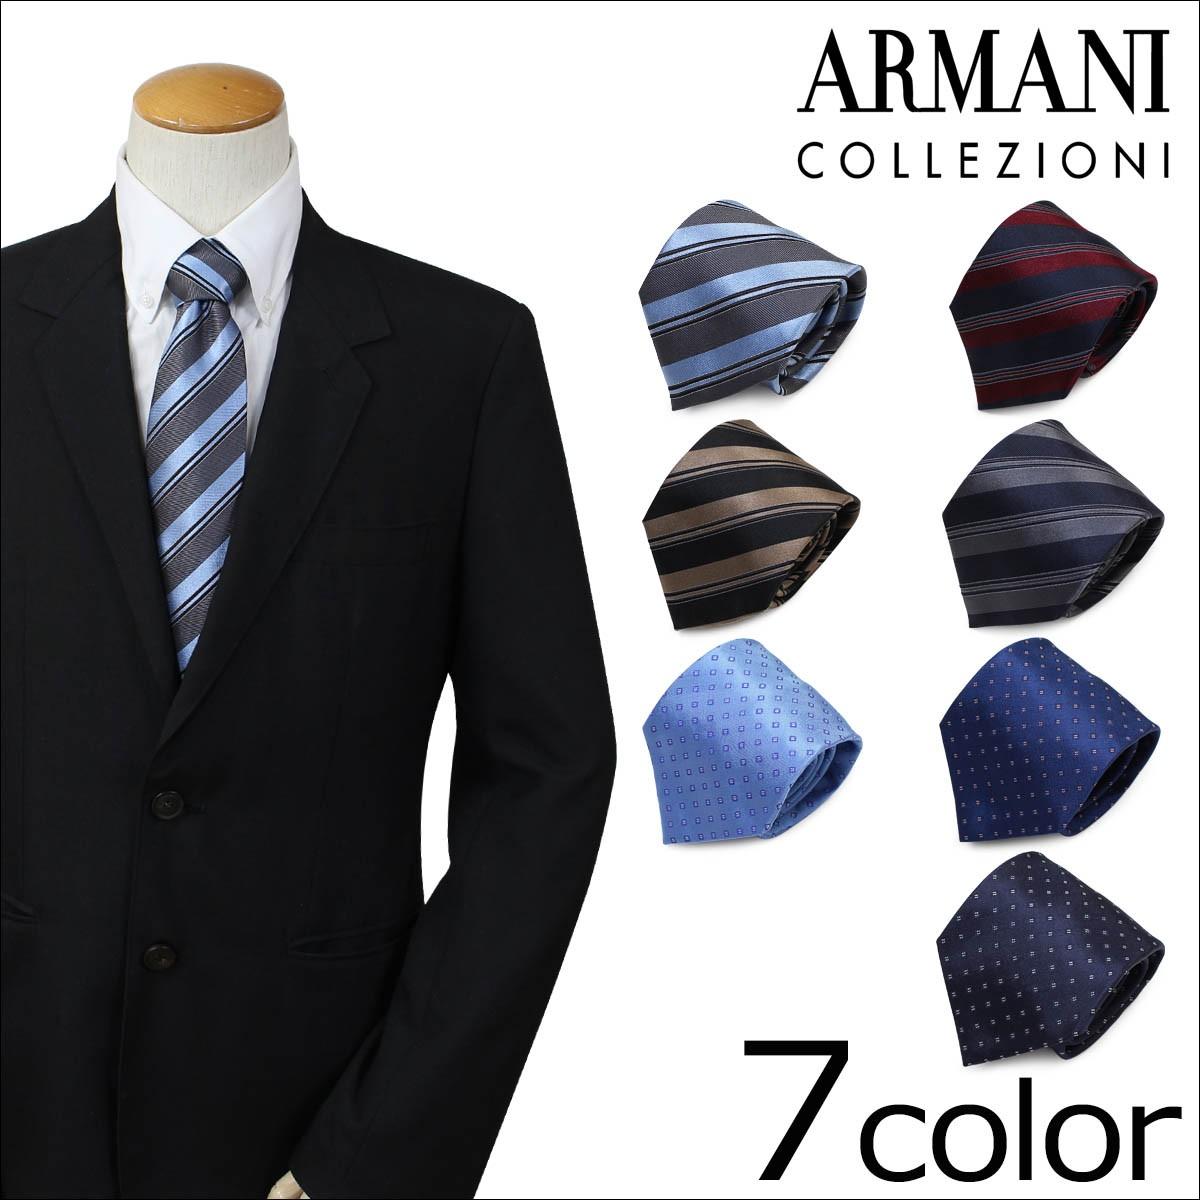 アルマーニ ネクタイ ARMANI COLLEZIONI コレツィオーニ イタリア製 シルク ビジネス 結婚式 メンズ [1/25 追加入荷]